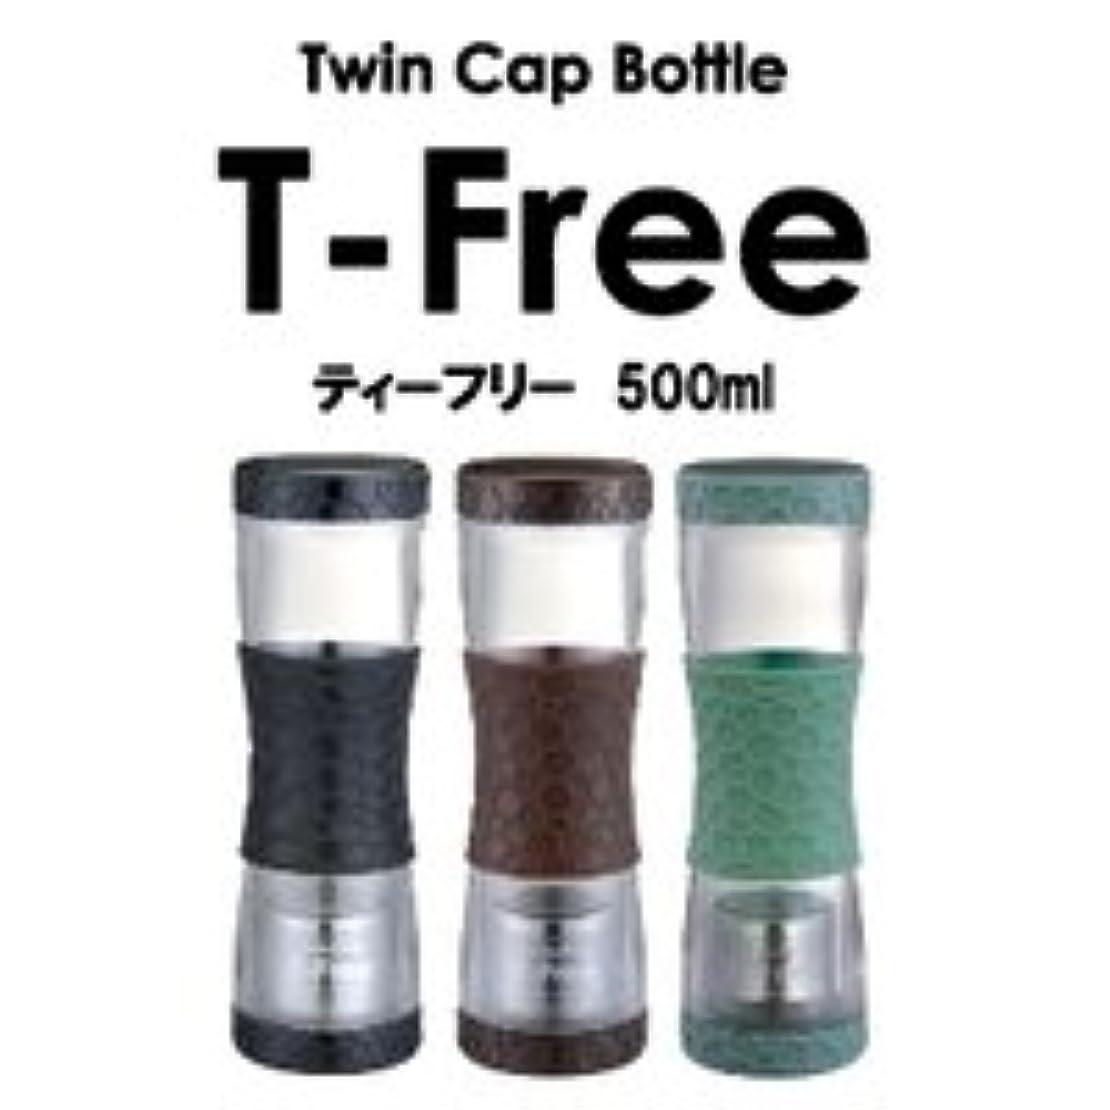 不格好鏡勝利したティーフリー500ml T-Free (カラー:グリーン) ※使い方自由なツインキャップボトル